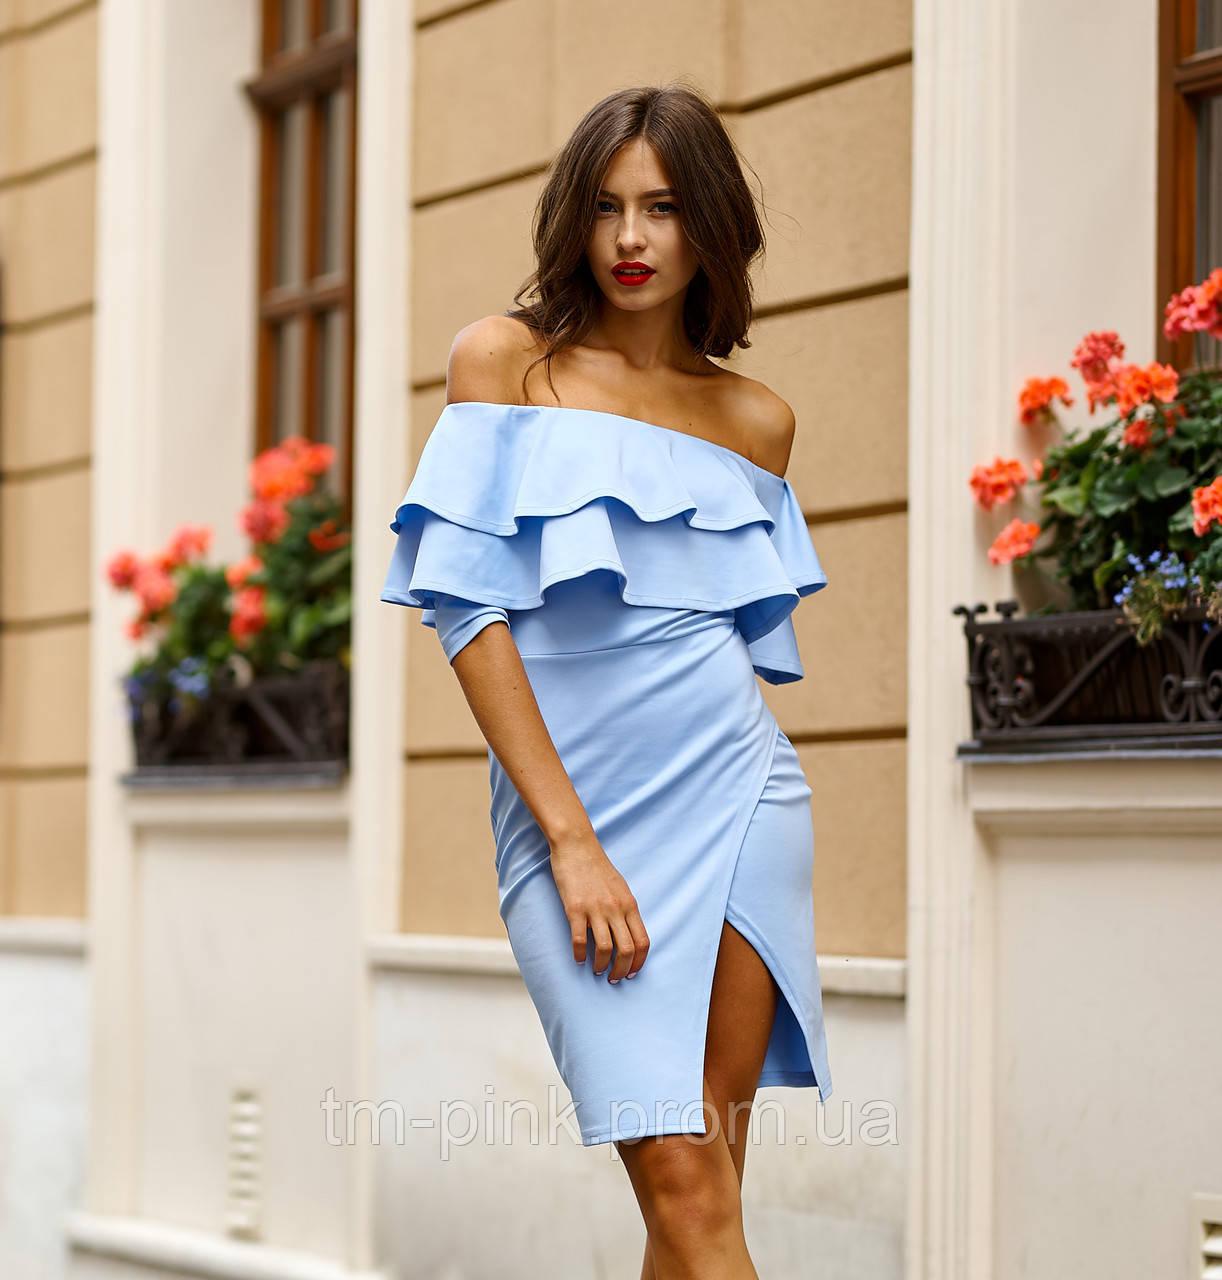 """Сукня лодочка 2 рюші 3/4 рукав """"Оксамит"""" блакить платье рюши"""